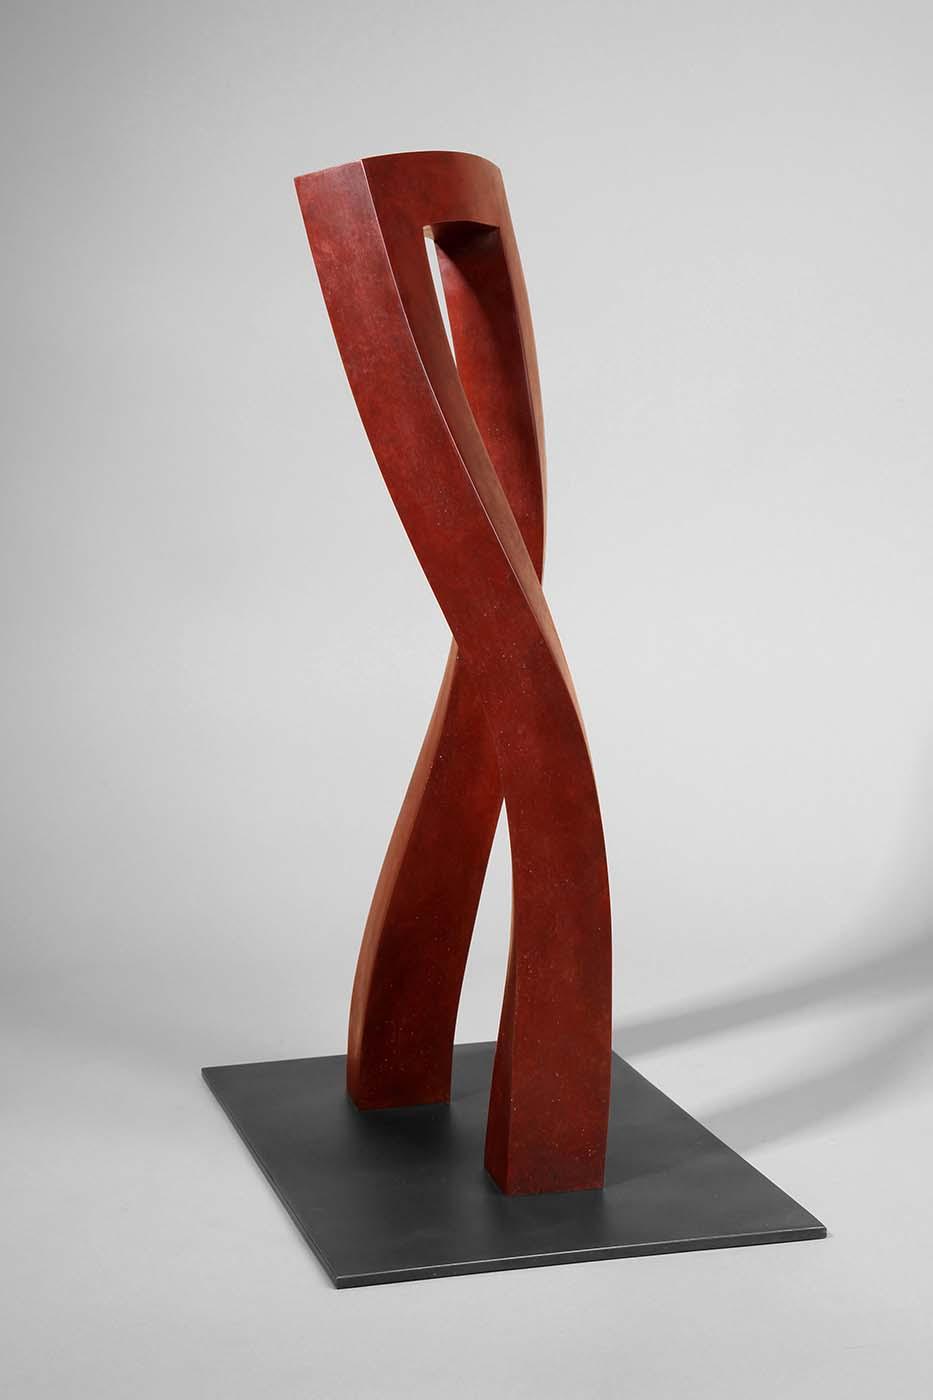 Großer Schritt, 2011, Bronze, 48 x 21 x 15 cm (02)